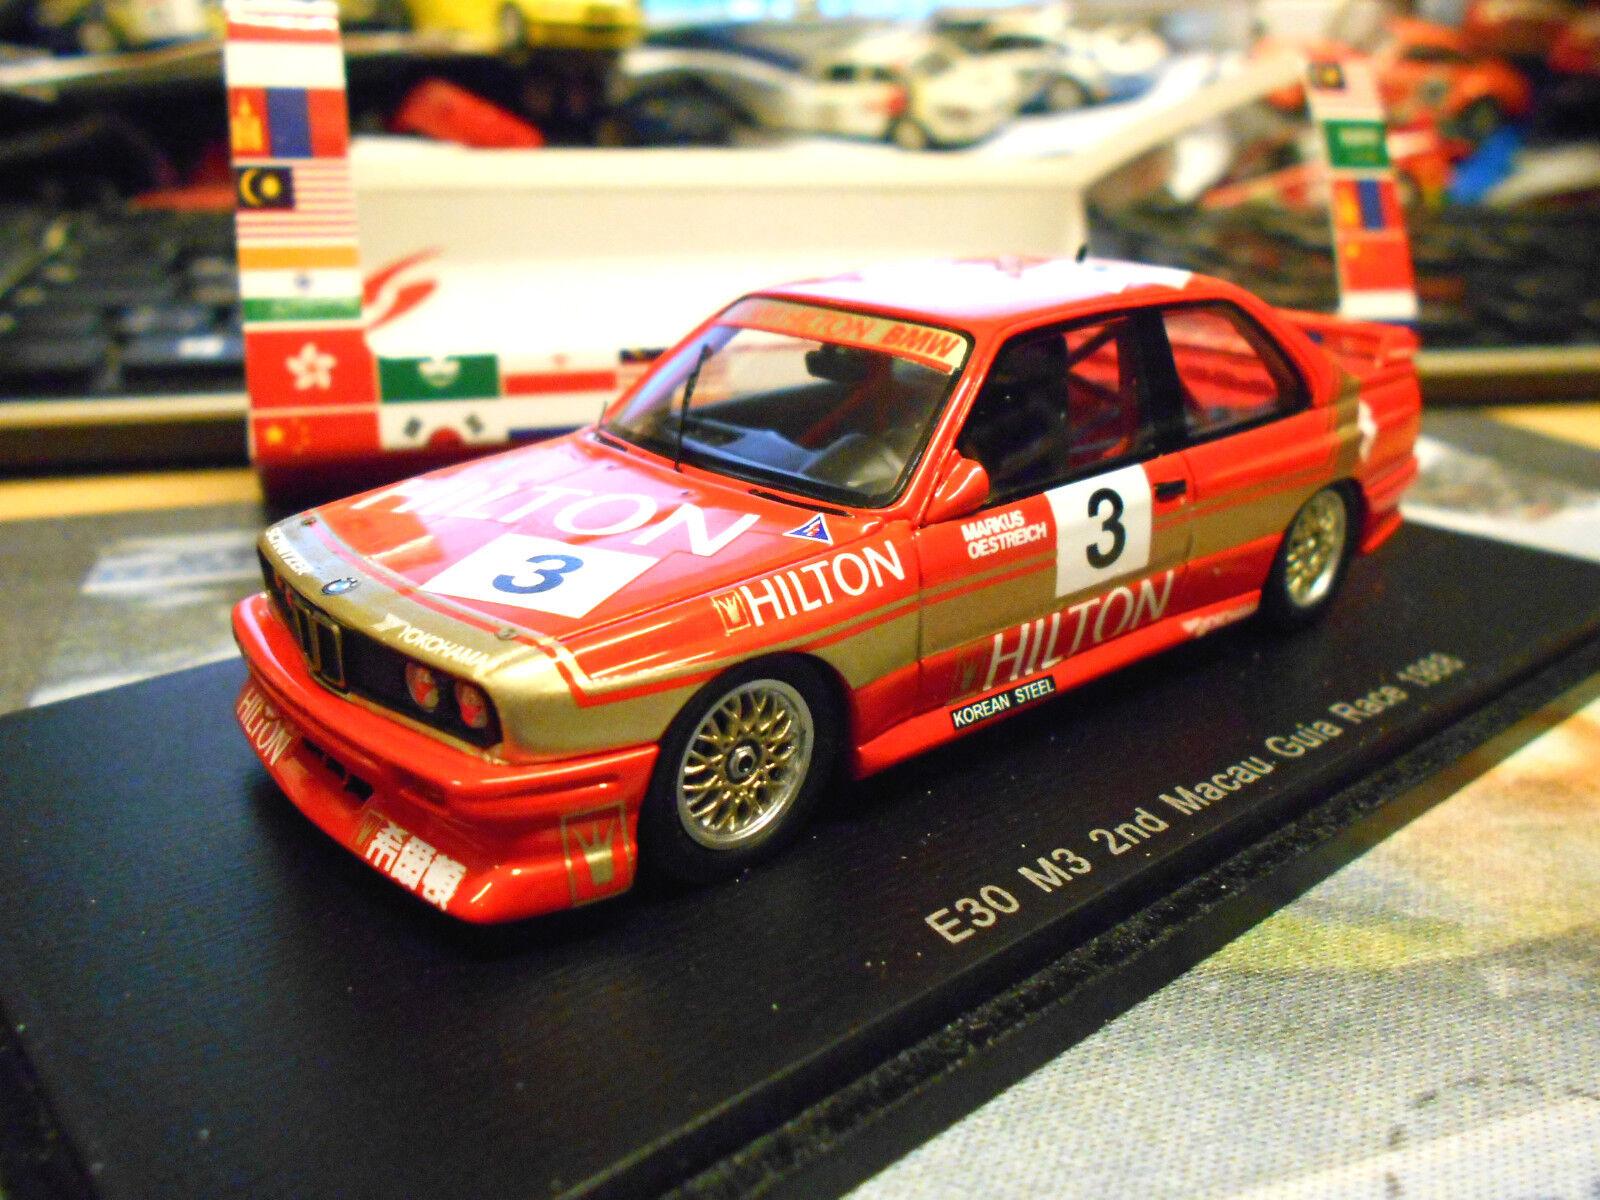 BMW m3 e30 Macao GP 1988 giua  3 Oestreich 2nd Hilton 1 300 spark res 1 43